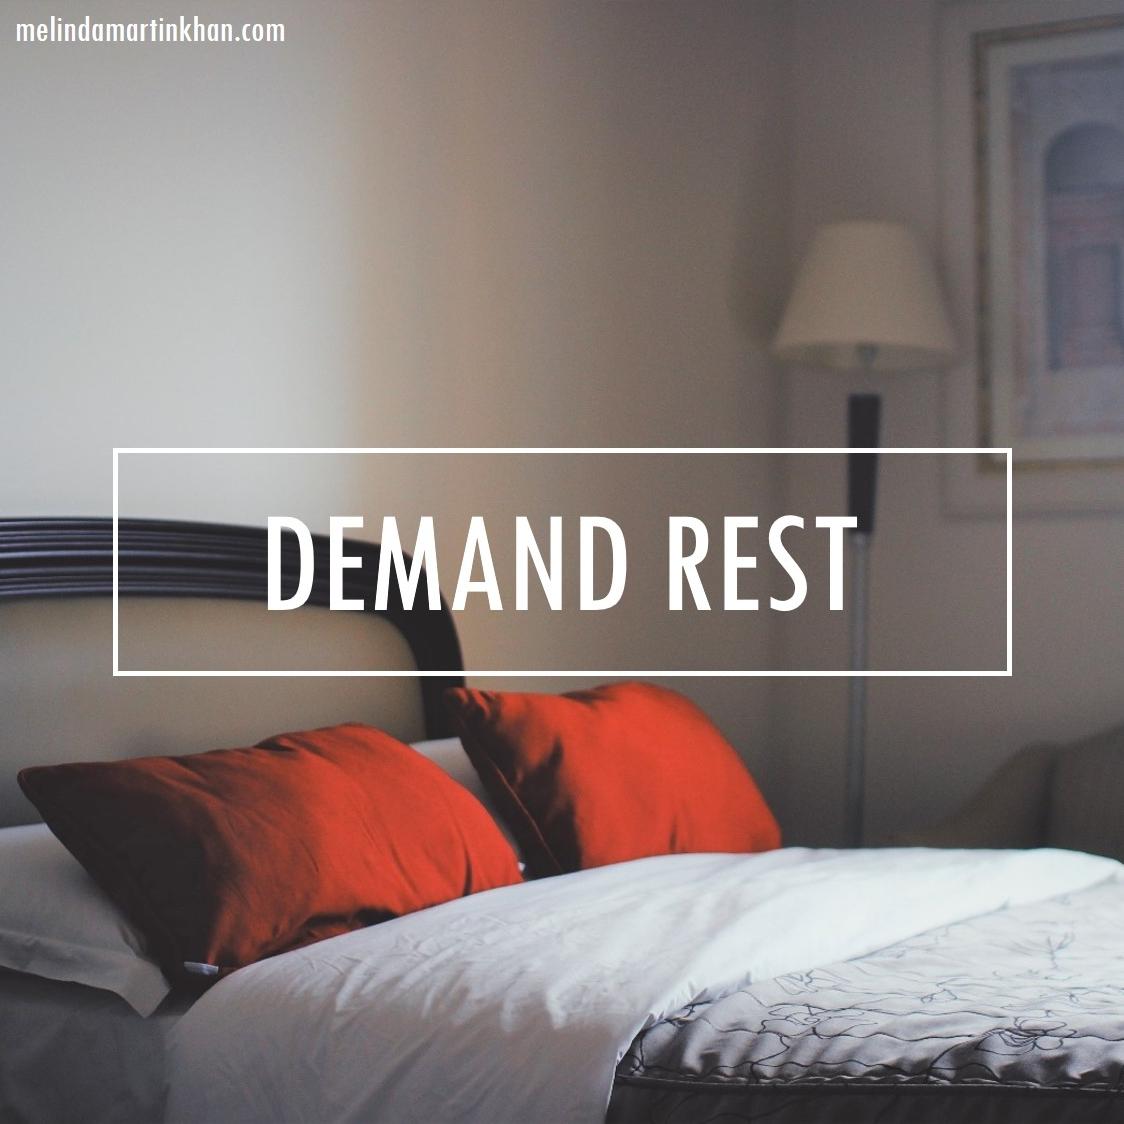 demandrest_bedroom.jpg